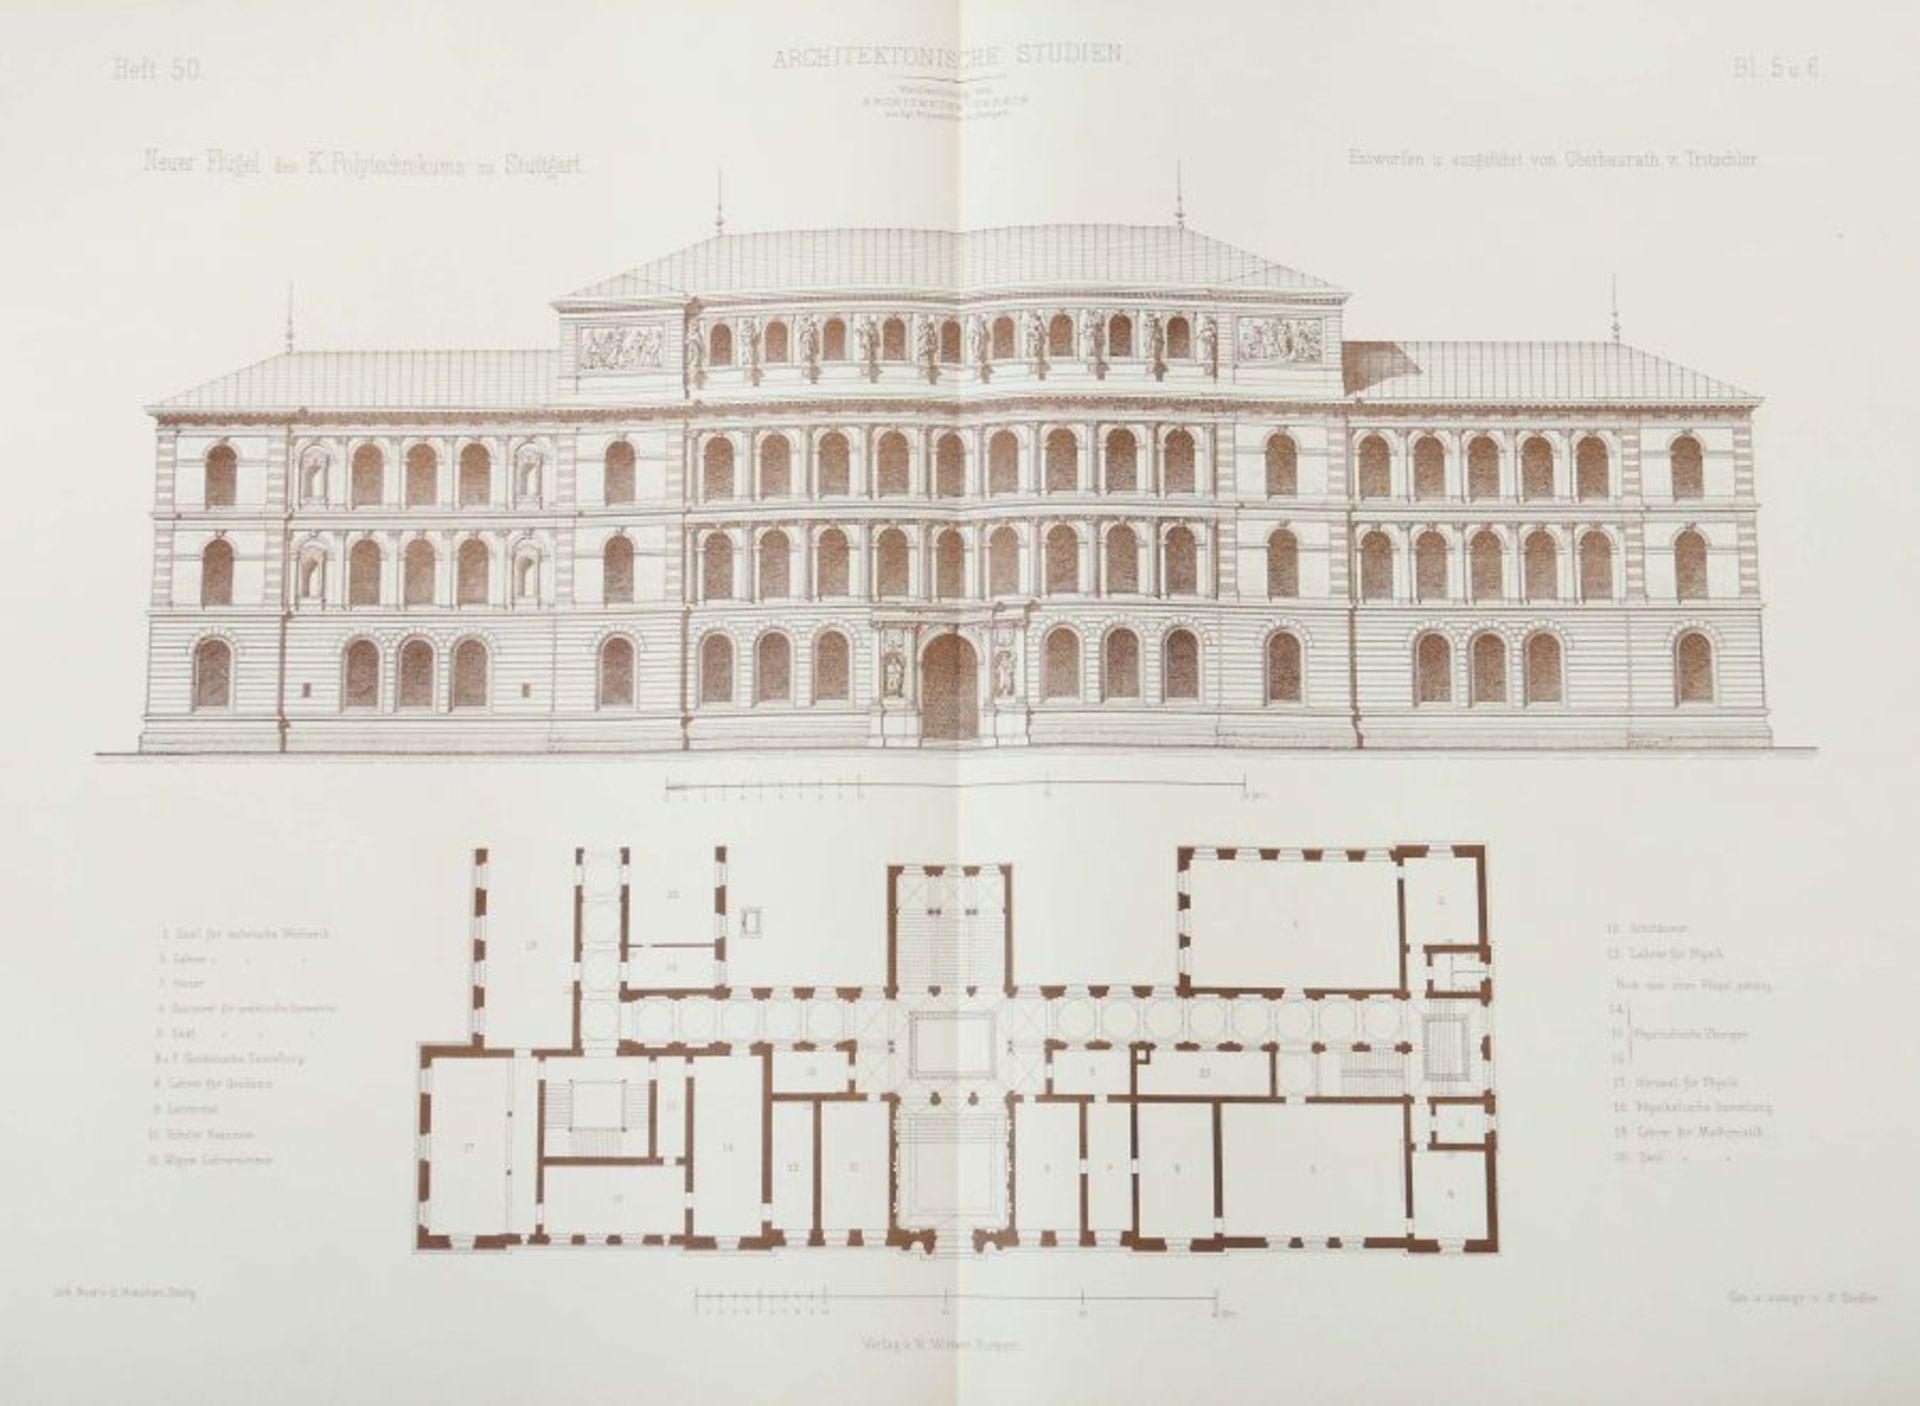 Architektonische Studien Herausgegeben vom Architektenverein am Kgl. Polytechnikum zu Stuttgart, - Bild 9 aus 10